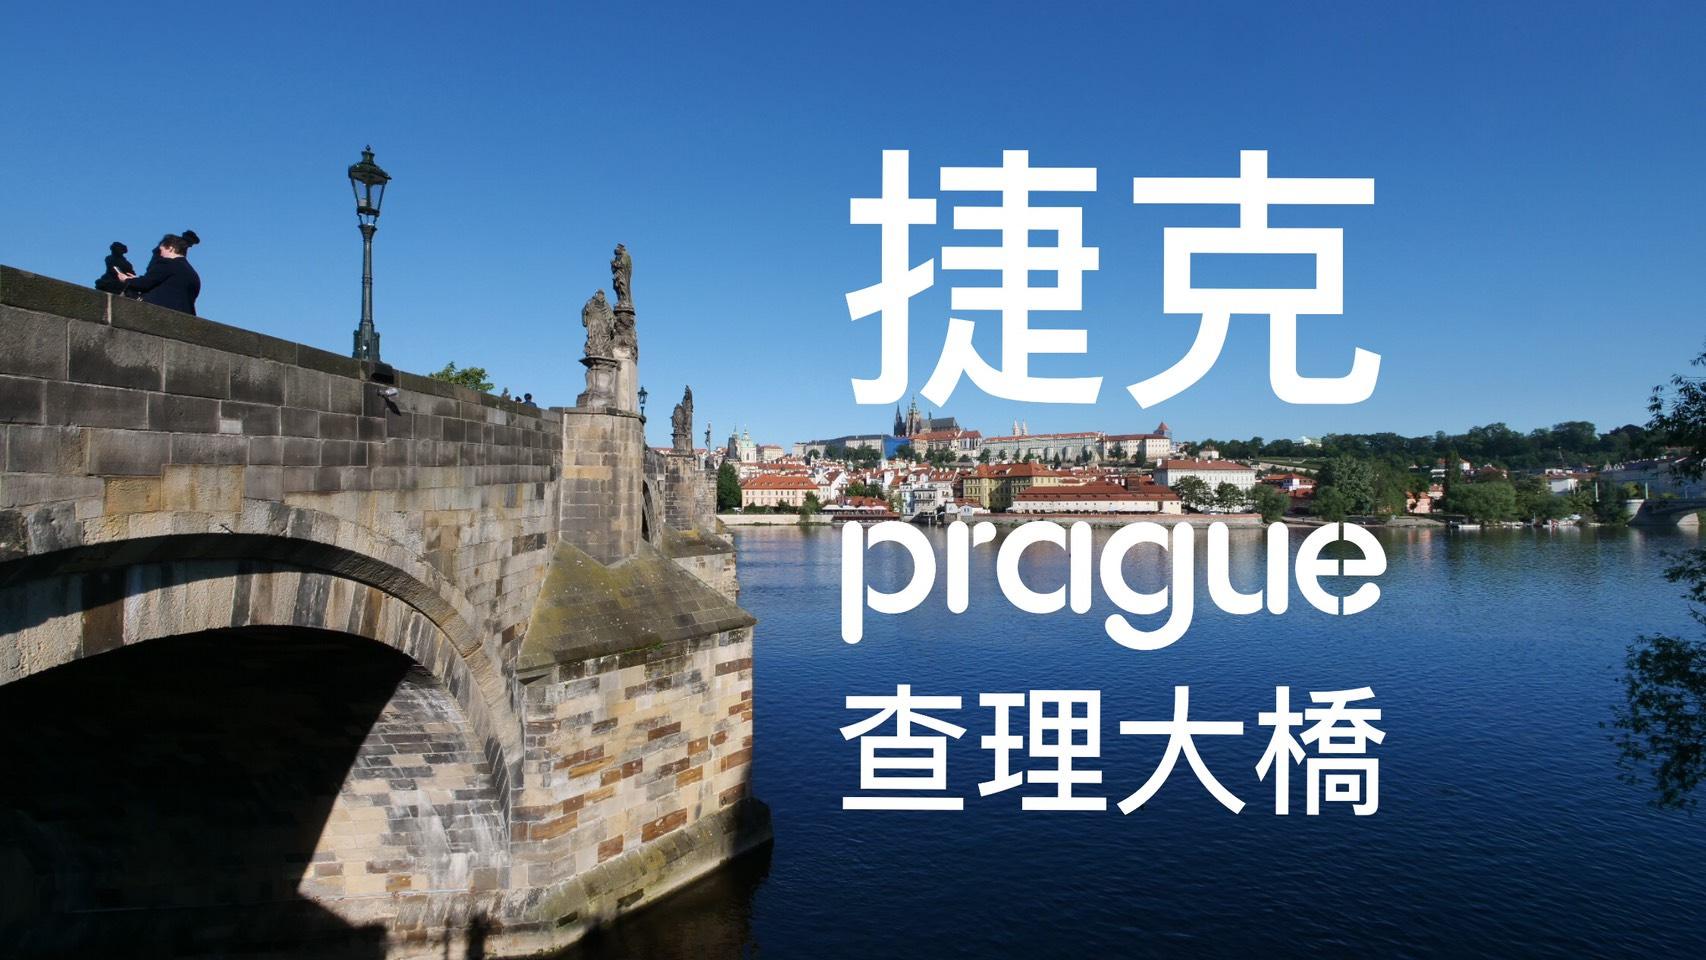 捷克 🔸布拉格 Prague||清晨的查理大橋 查理街 路邊換匯被騙了50歐 早餐吃煙囪捲 刺蝟鉛筆